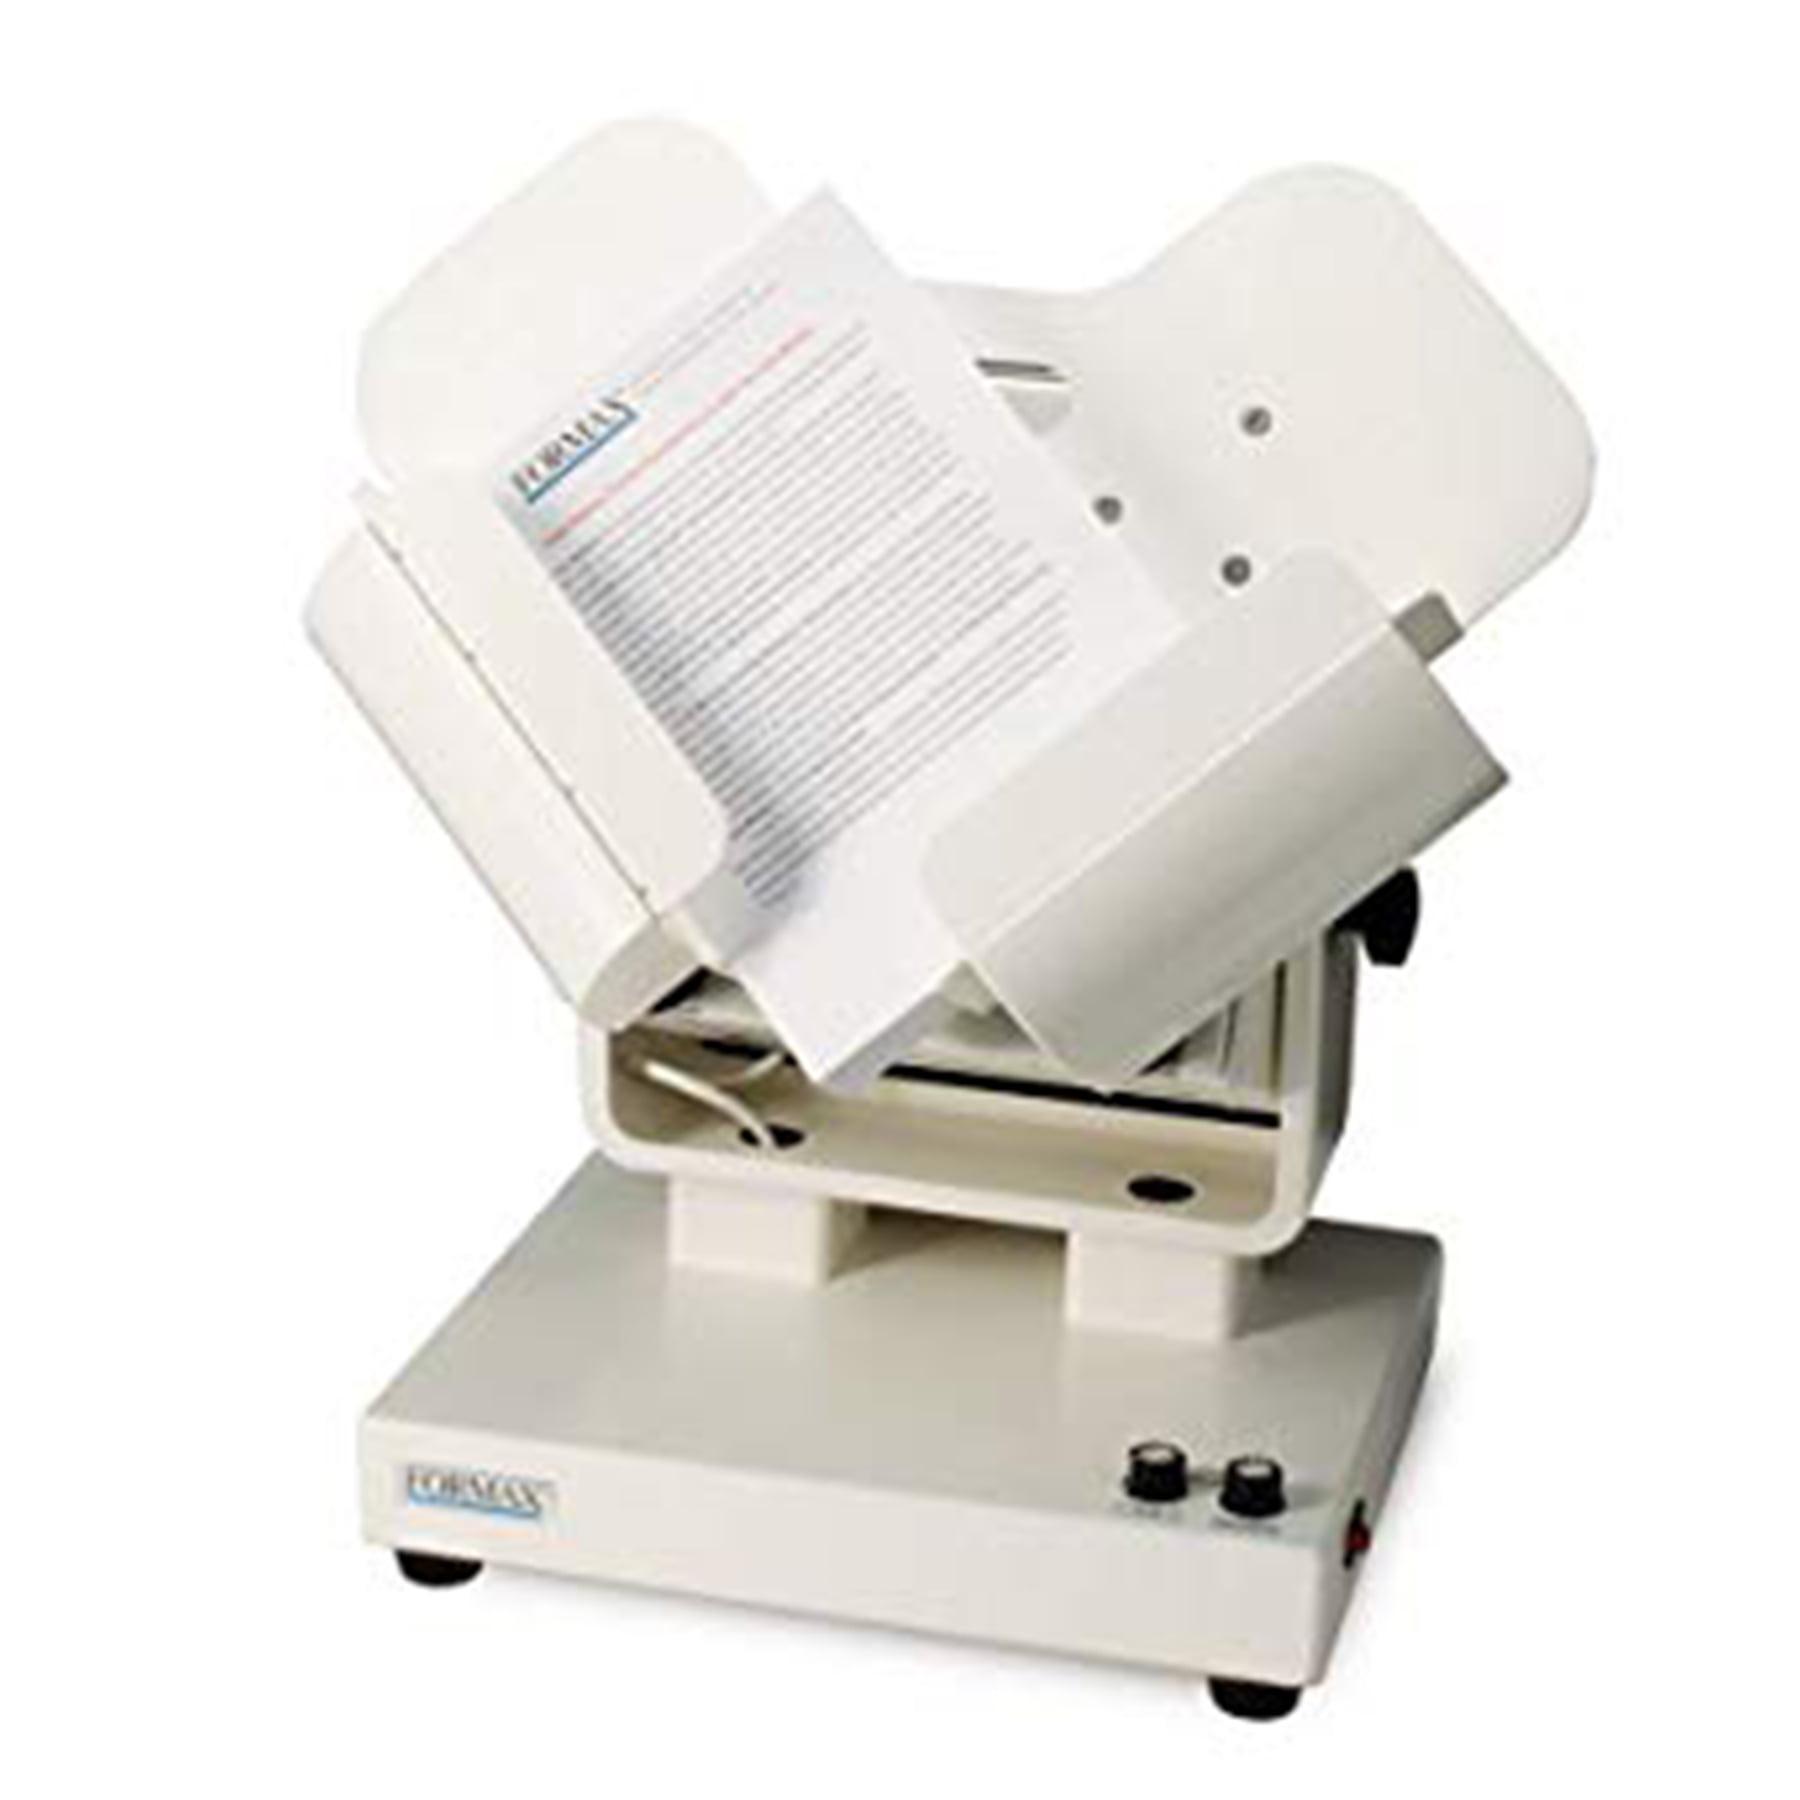 FORMAX FD 402TA1 PAPER JOGGER Tabletop Air Jogger - U.S. Paper Counters